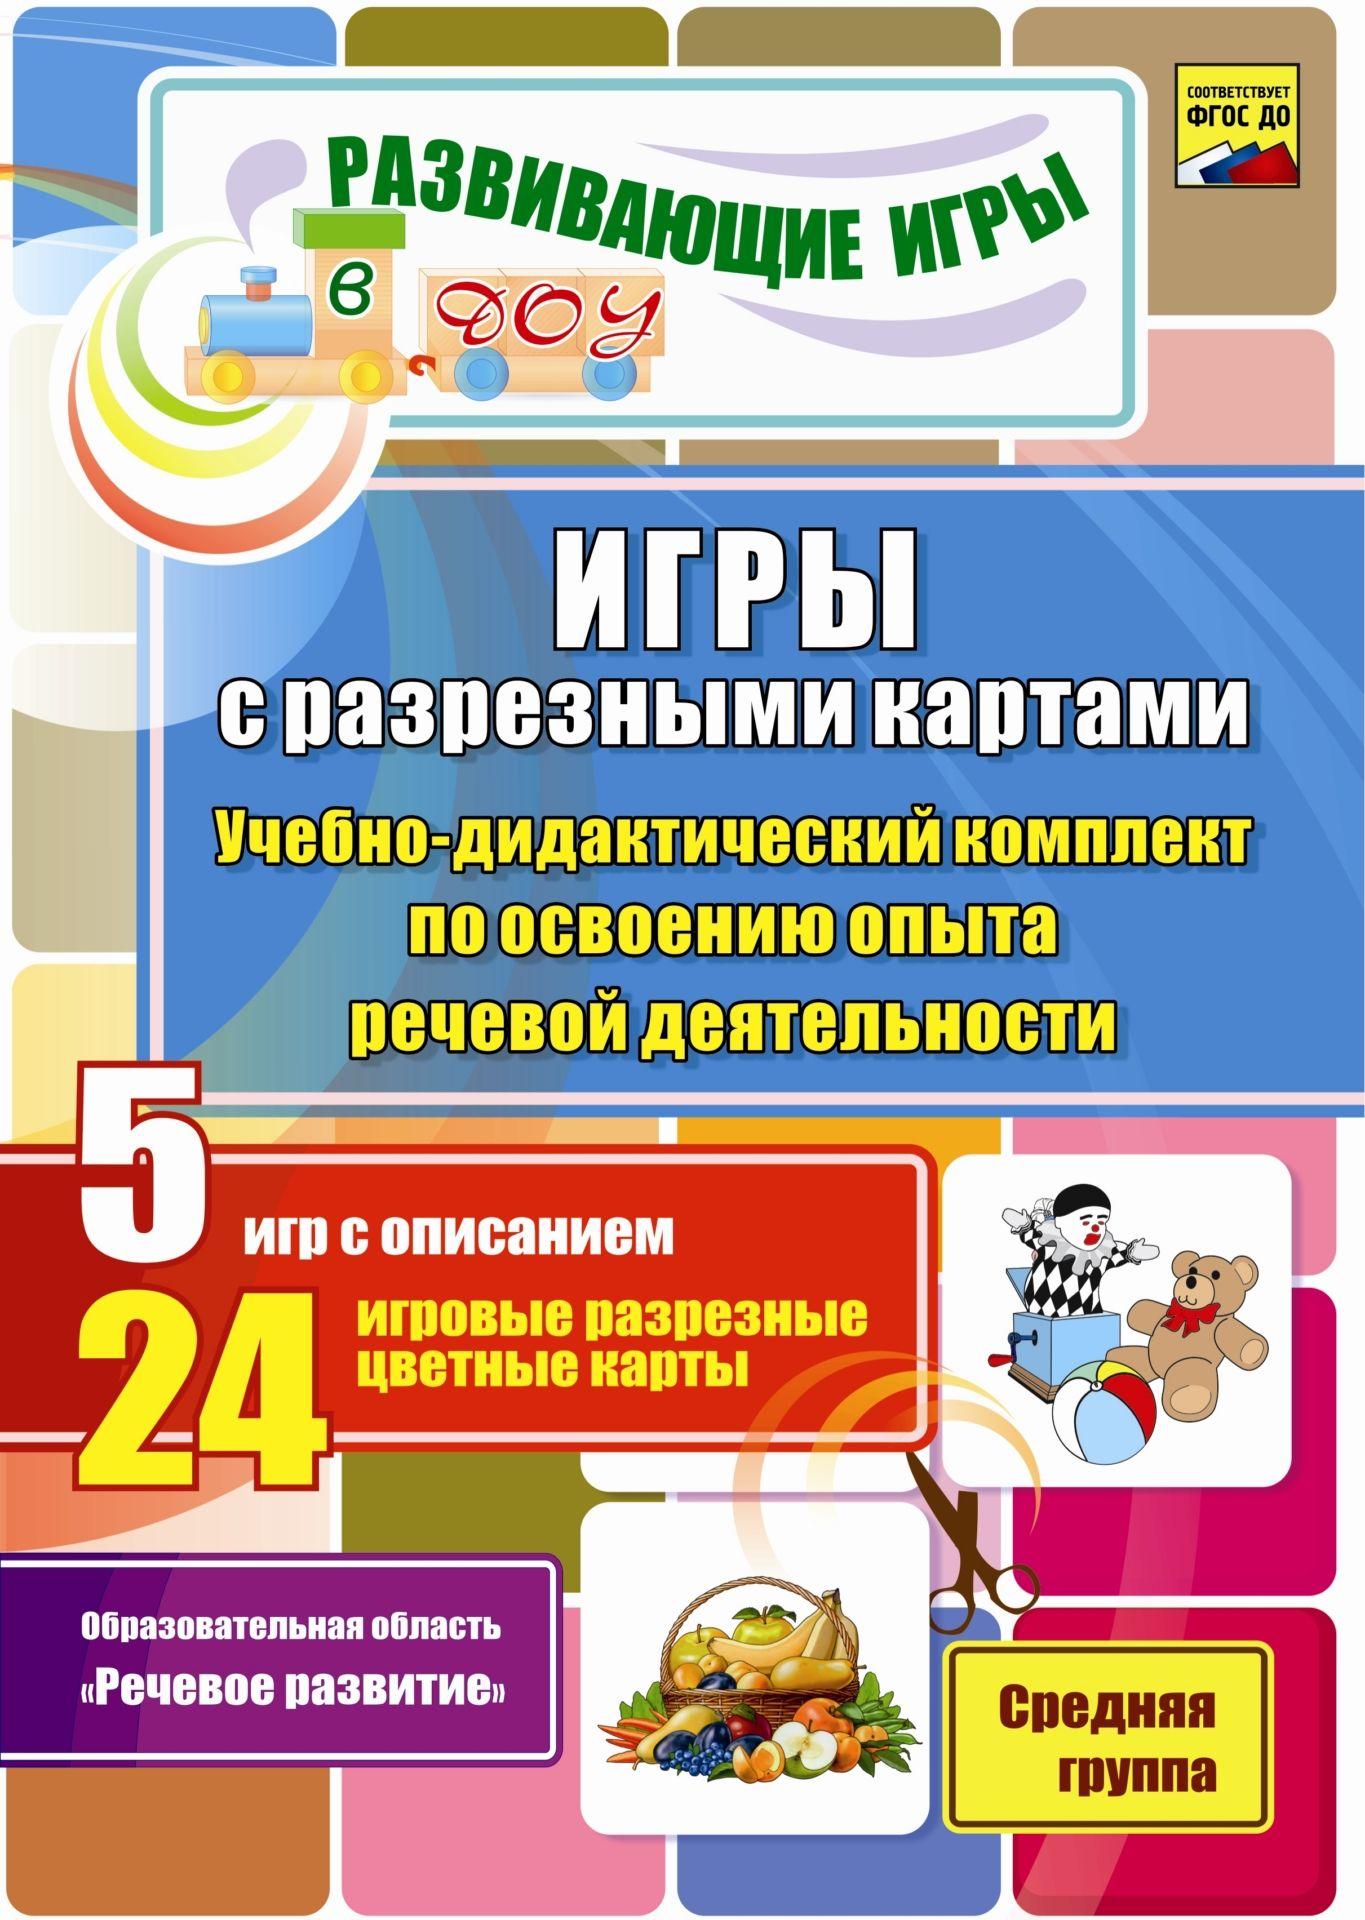 Игры с разрезными картами. Учебно-методический комплект по освоению опыта речевой деятельности: 5 игр с описанием. 24 игровые разрезные цветные карты. Средняя группа